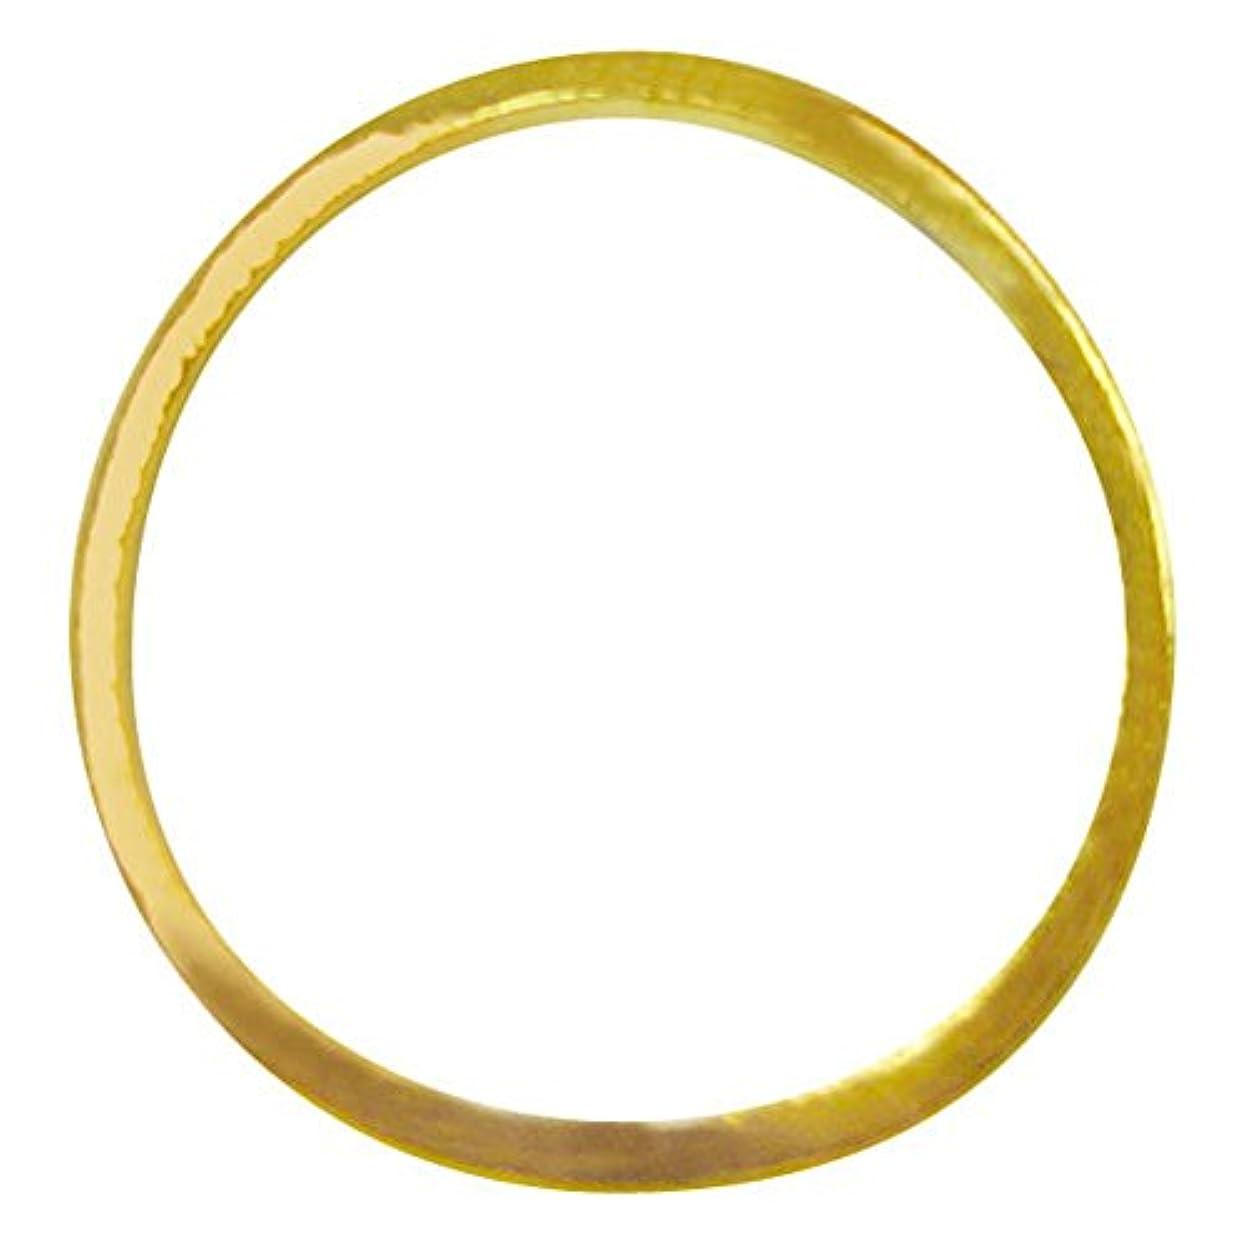 のスコア誘導請求可能ジェルネイル  サンシャインベビー シンプル ラウンドフレームL(ゴールド) 10P